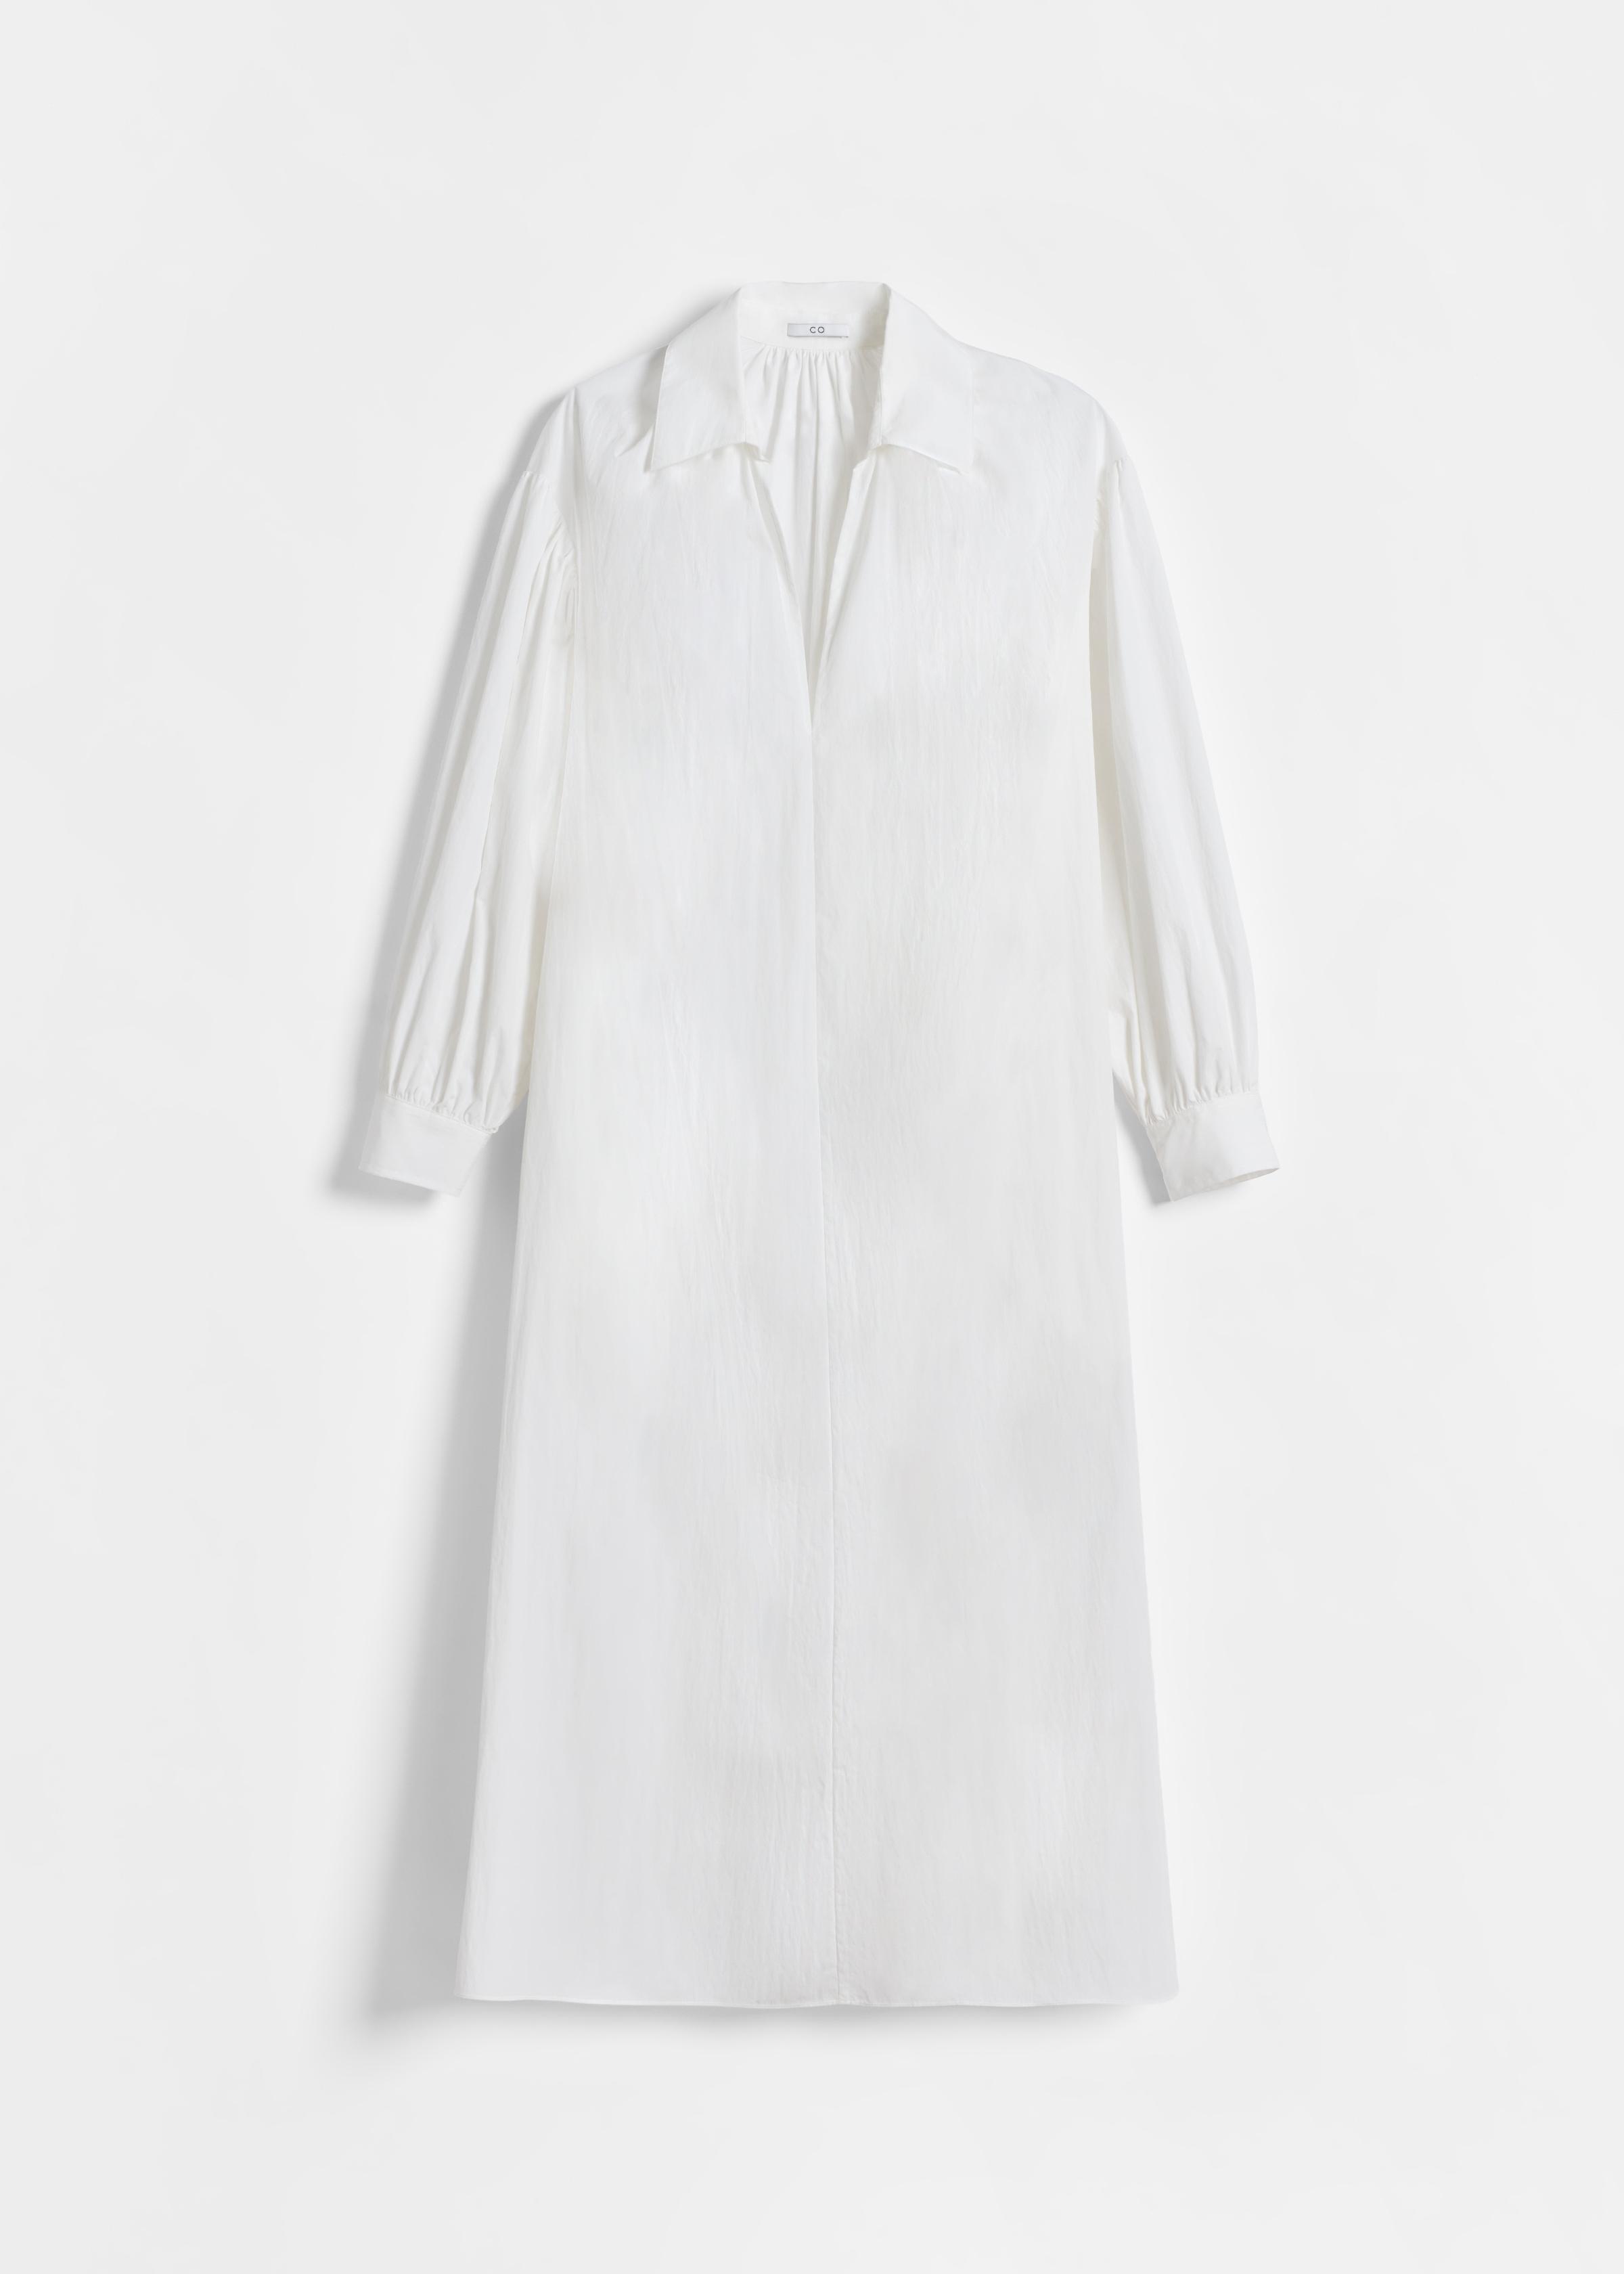 Long Sleeve V Neck Dress - White - by Zoe Gherter for Co